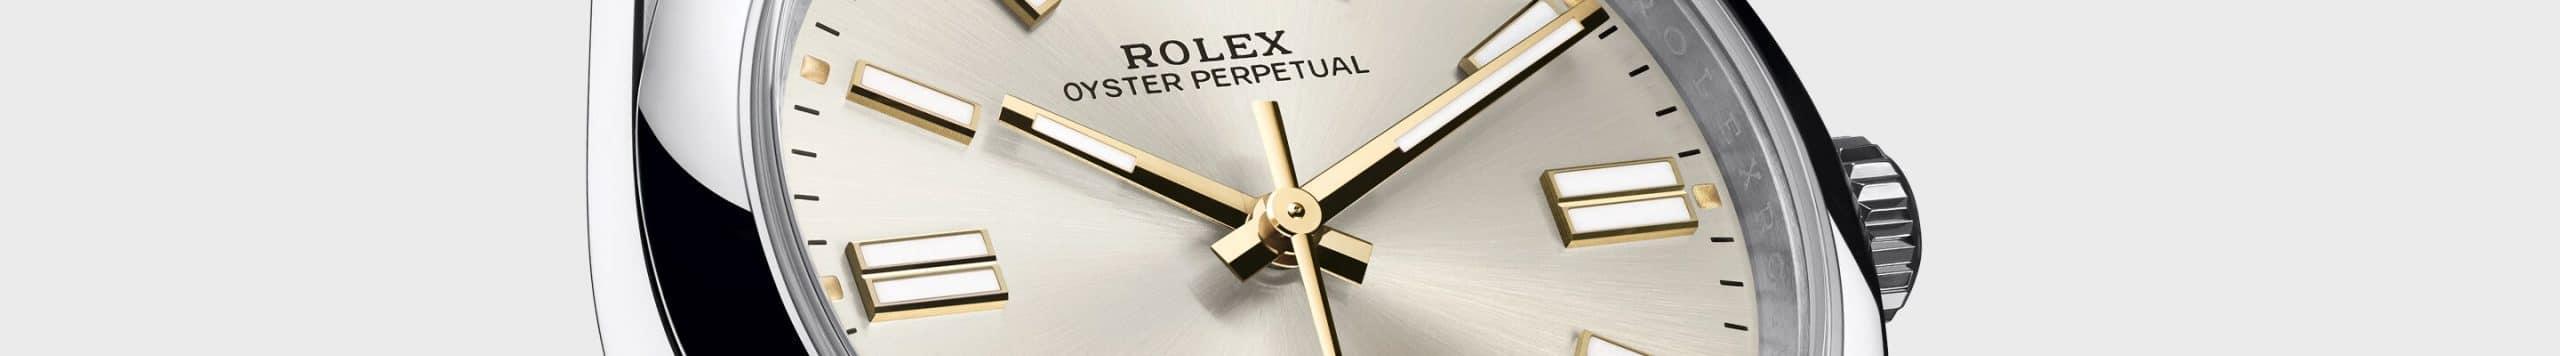 Guides de l'utilisateur Rolex OYSTER PERPETUAL